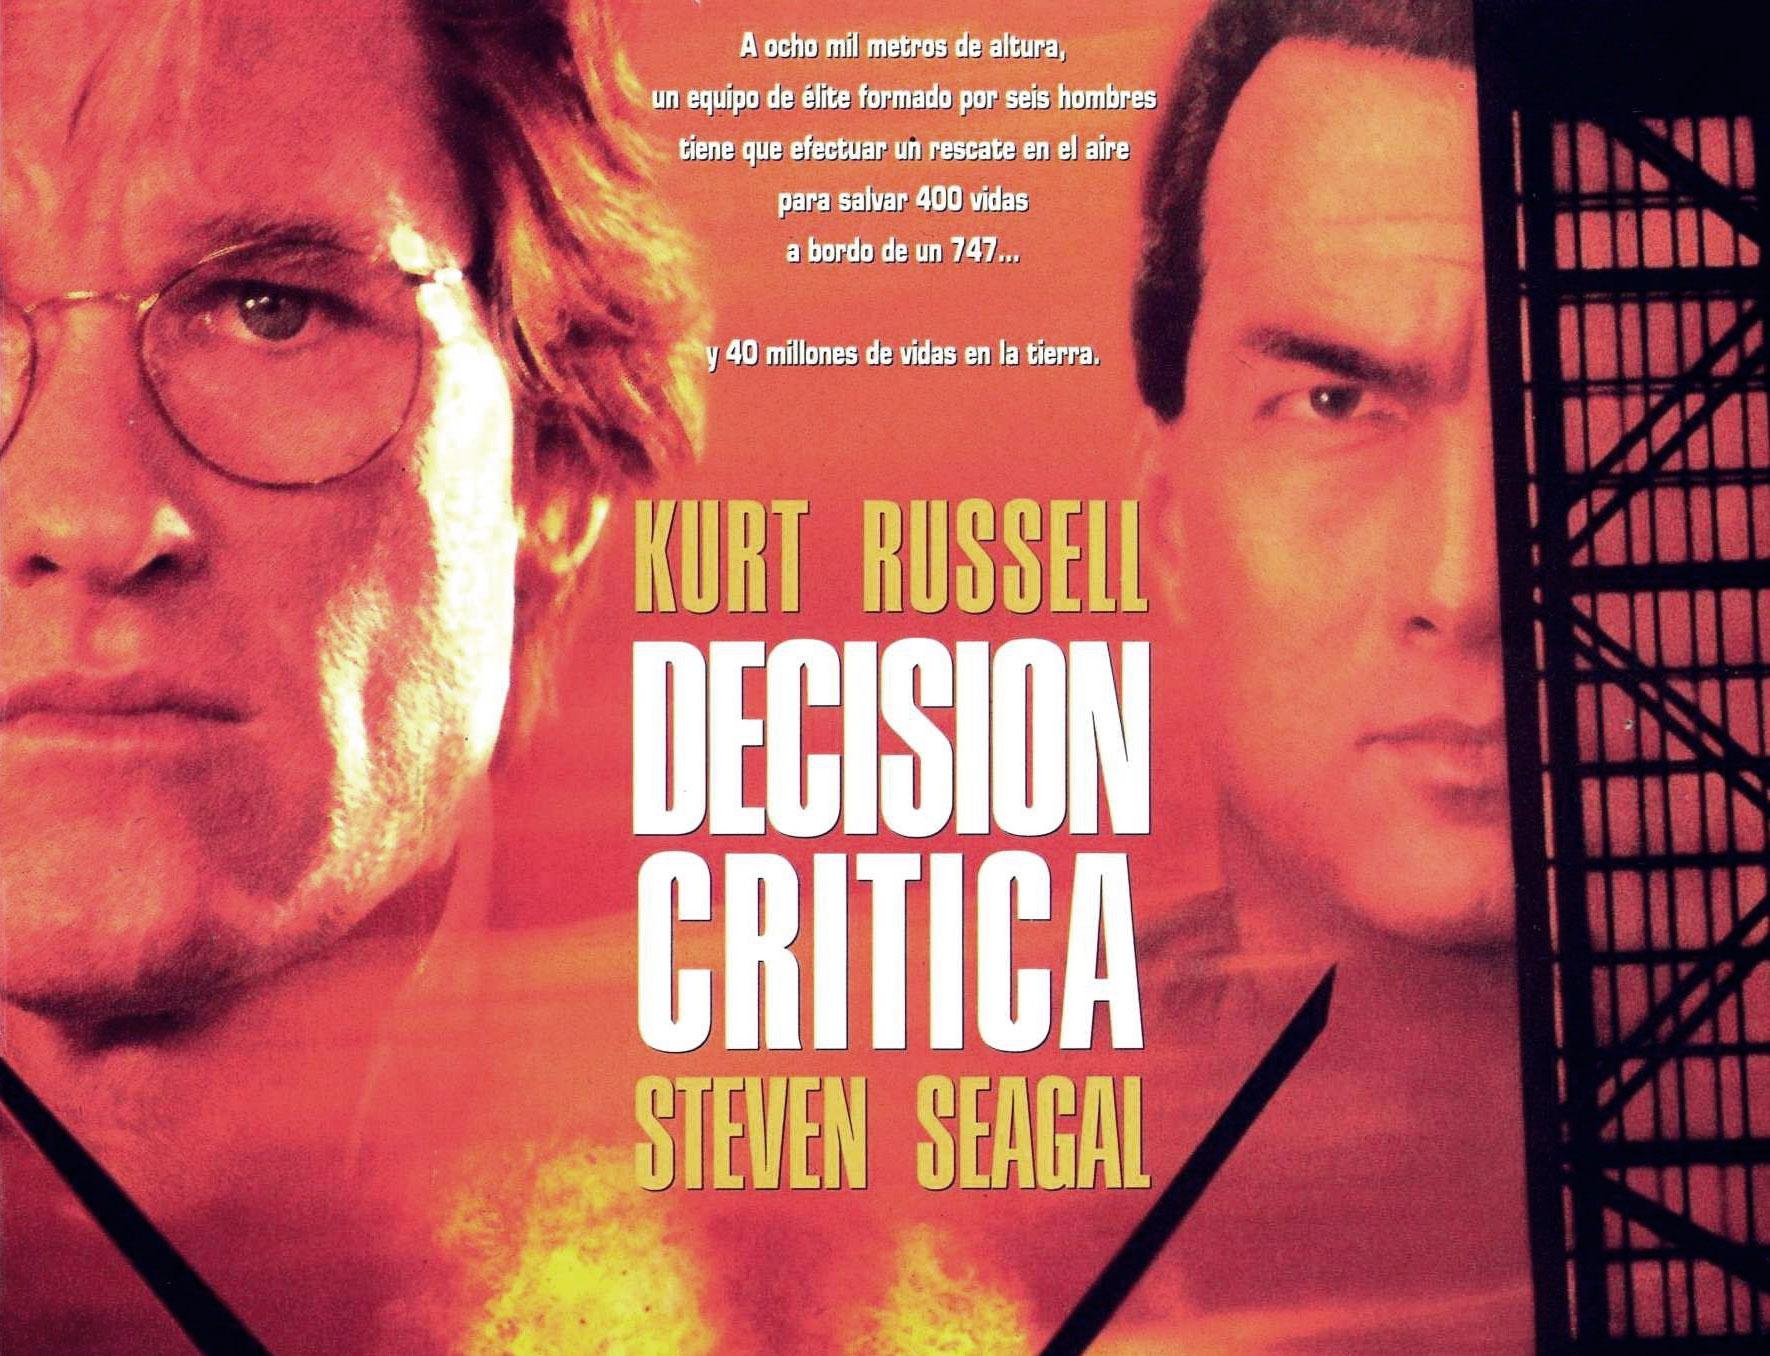 Decisión crítica, una película supuestamente protagonizada por Steven Seagal, cuyo personaje muere nada más comenzar. | Imagen: Warner Bros y Silver Pictures.